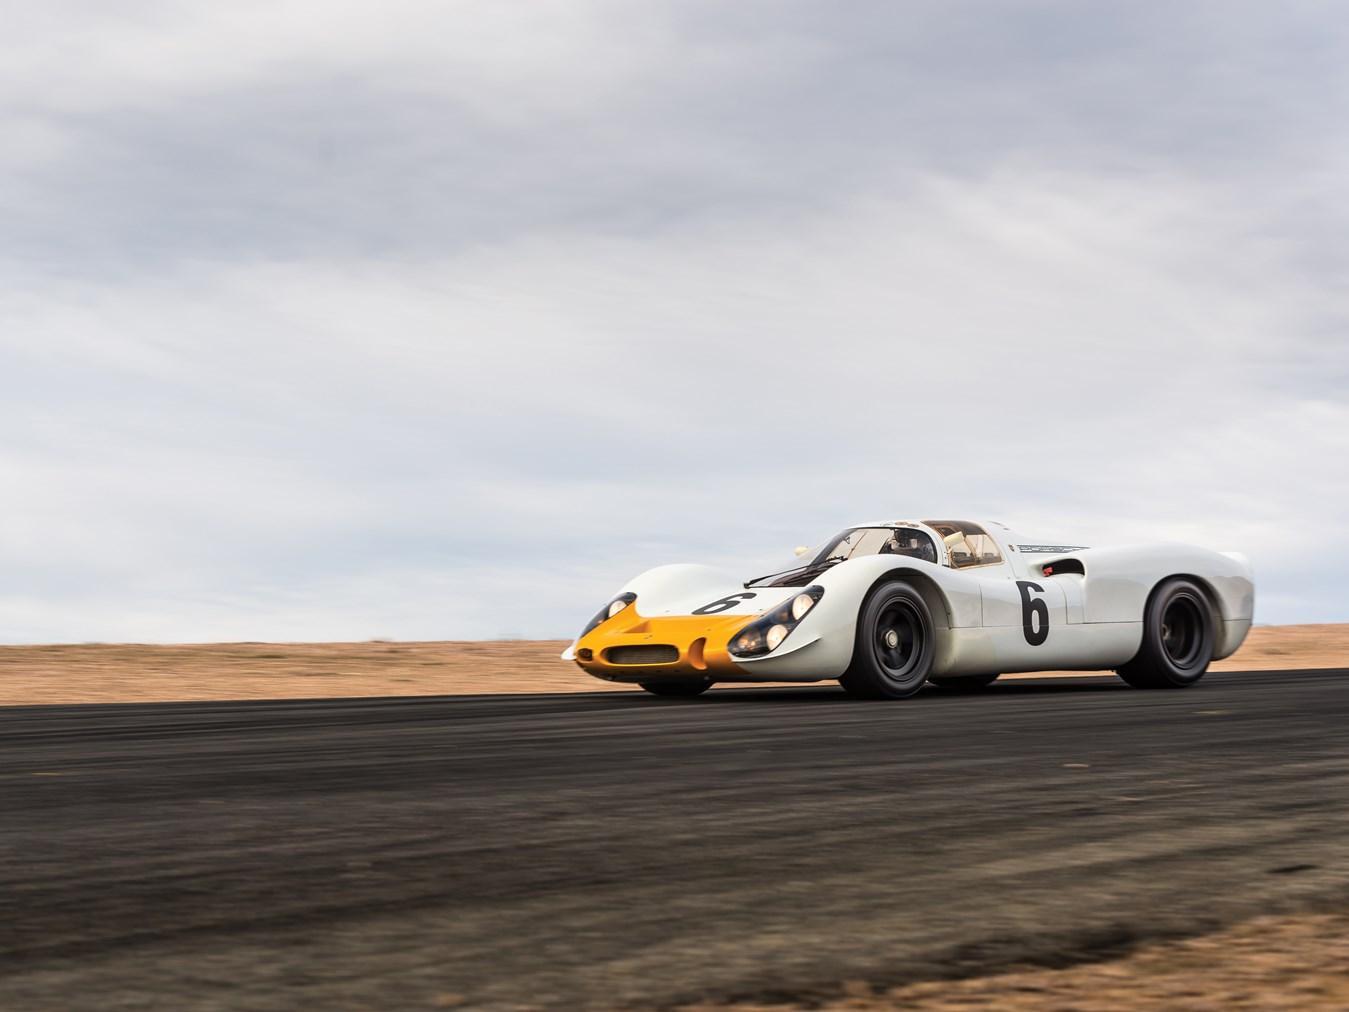 $2.8million Porsche 908 'Short-Tail' leads RM sale in Monterey